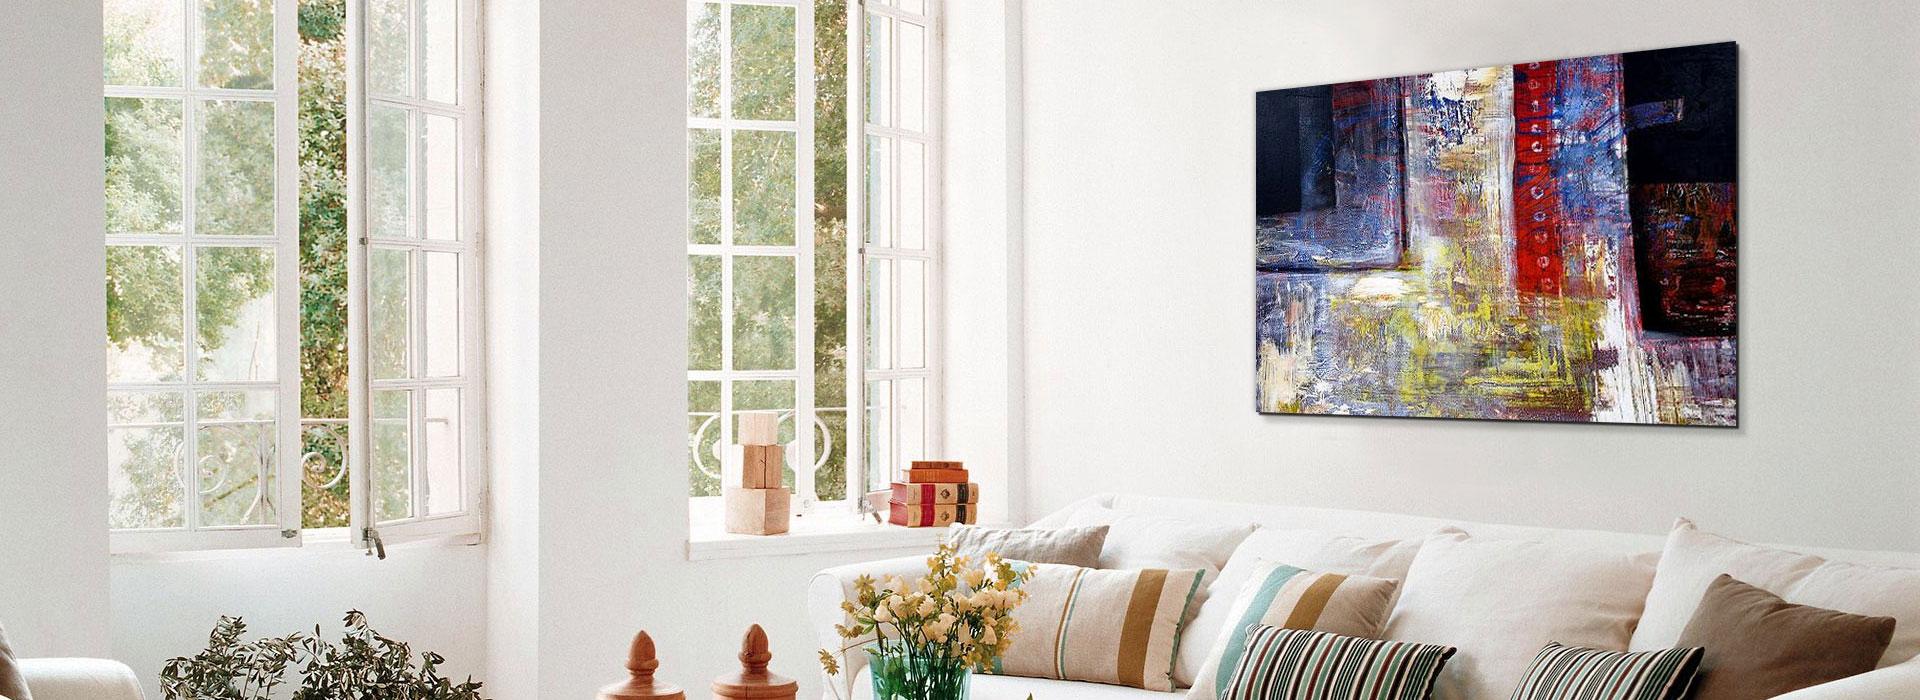 tienda de cuadros lienzos laminas y cuadros impresos On cuadros alegres para salon